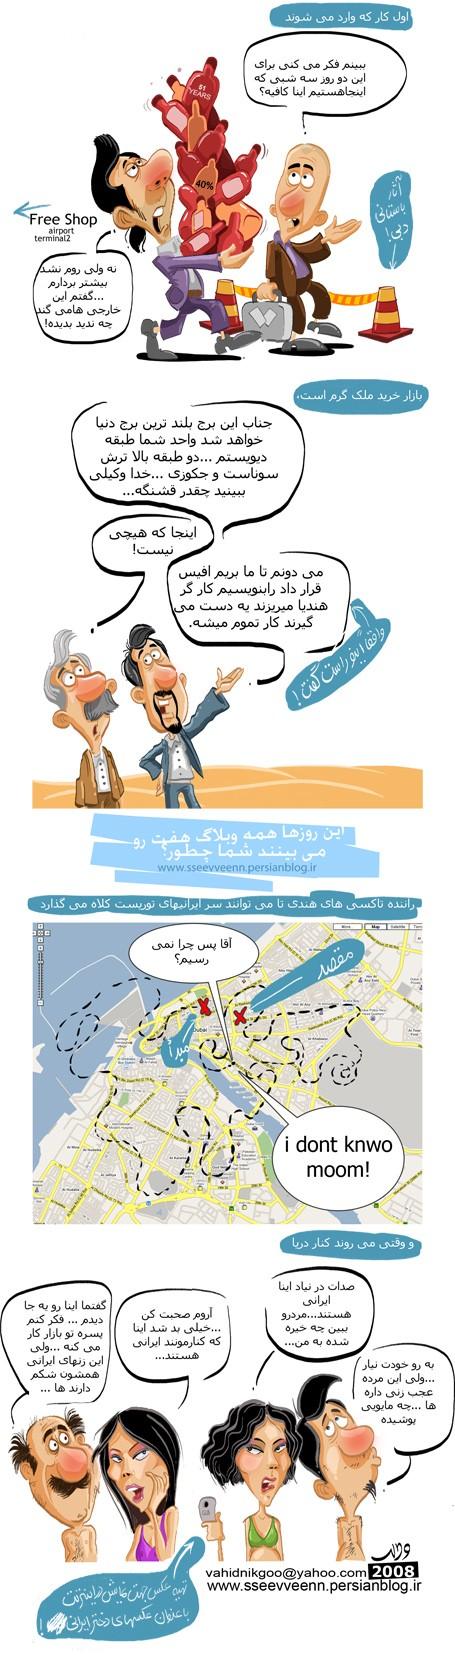 moghe ke irania varede Dubai mishan Dubai110